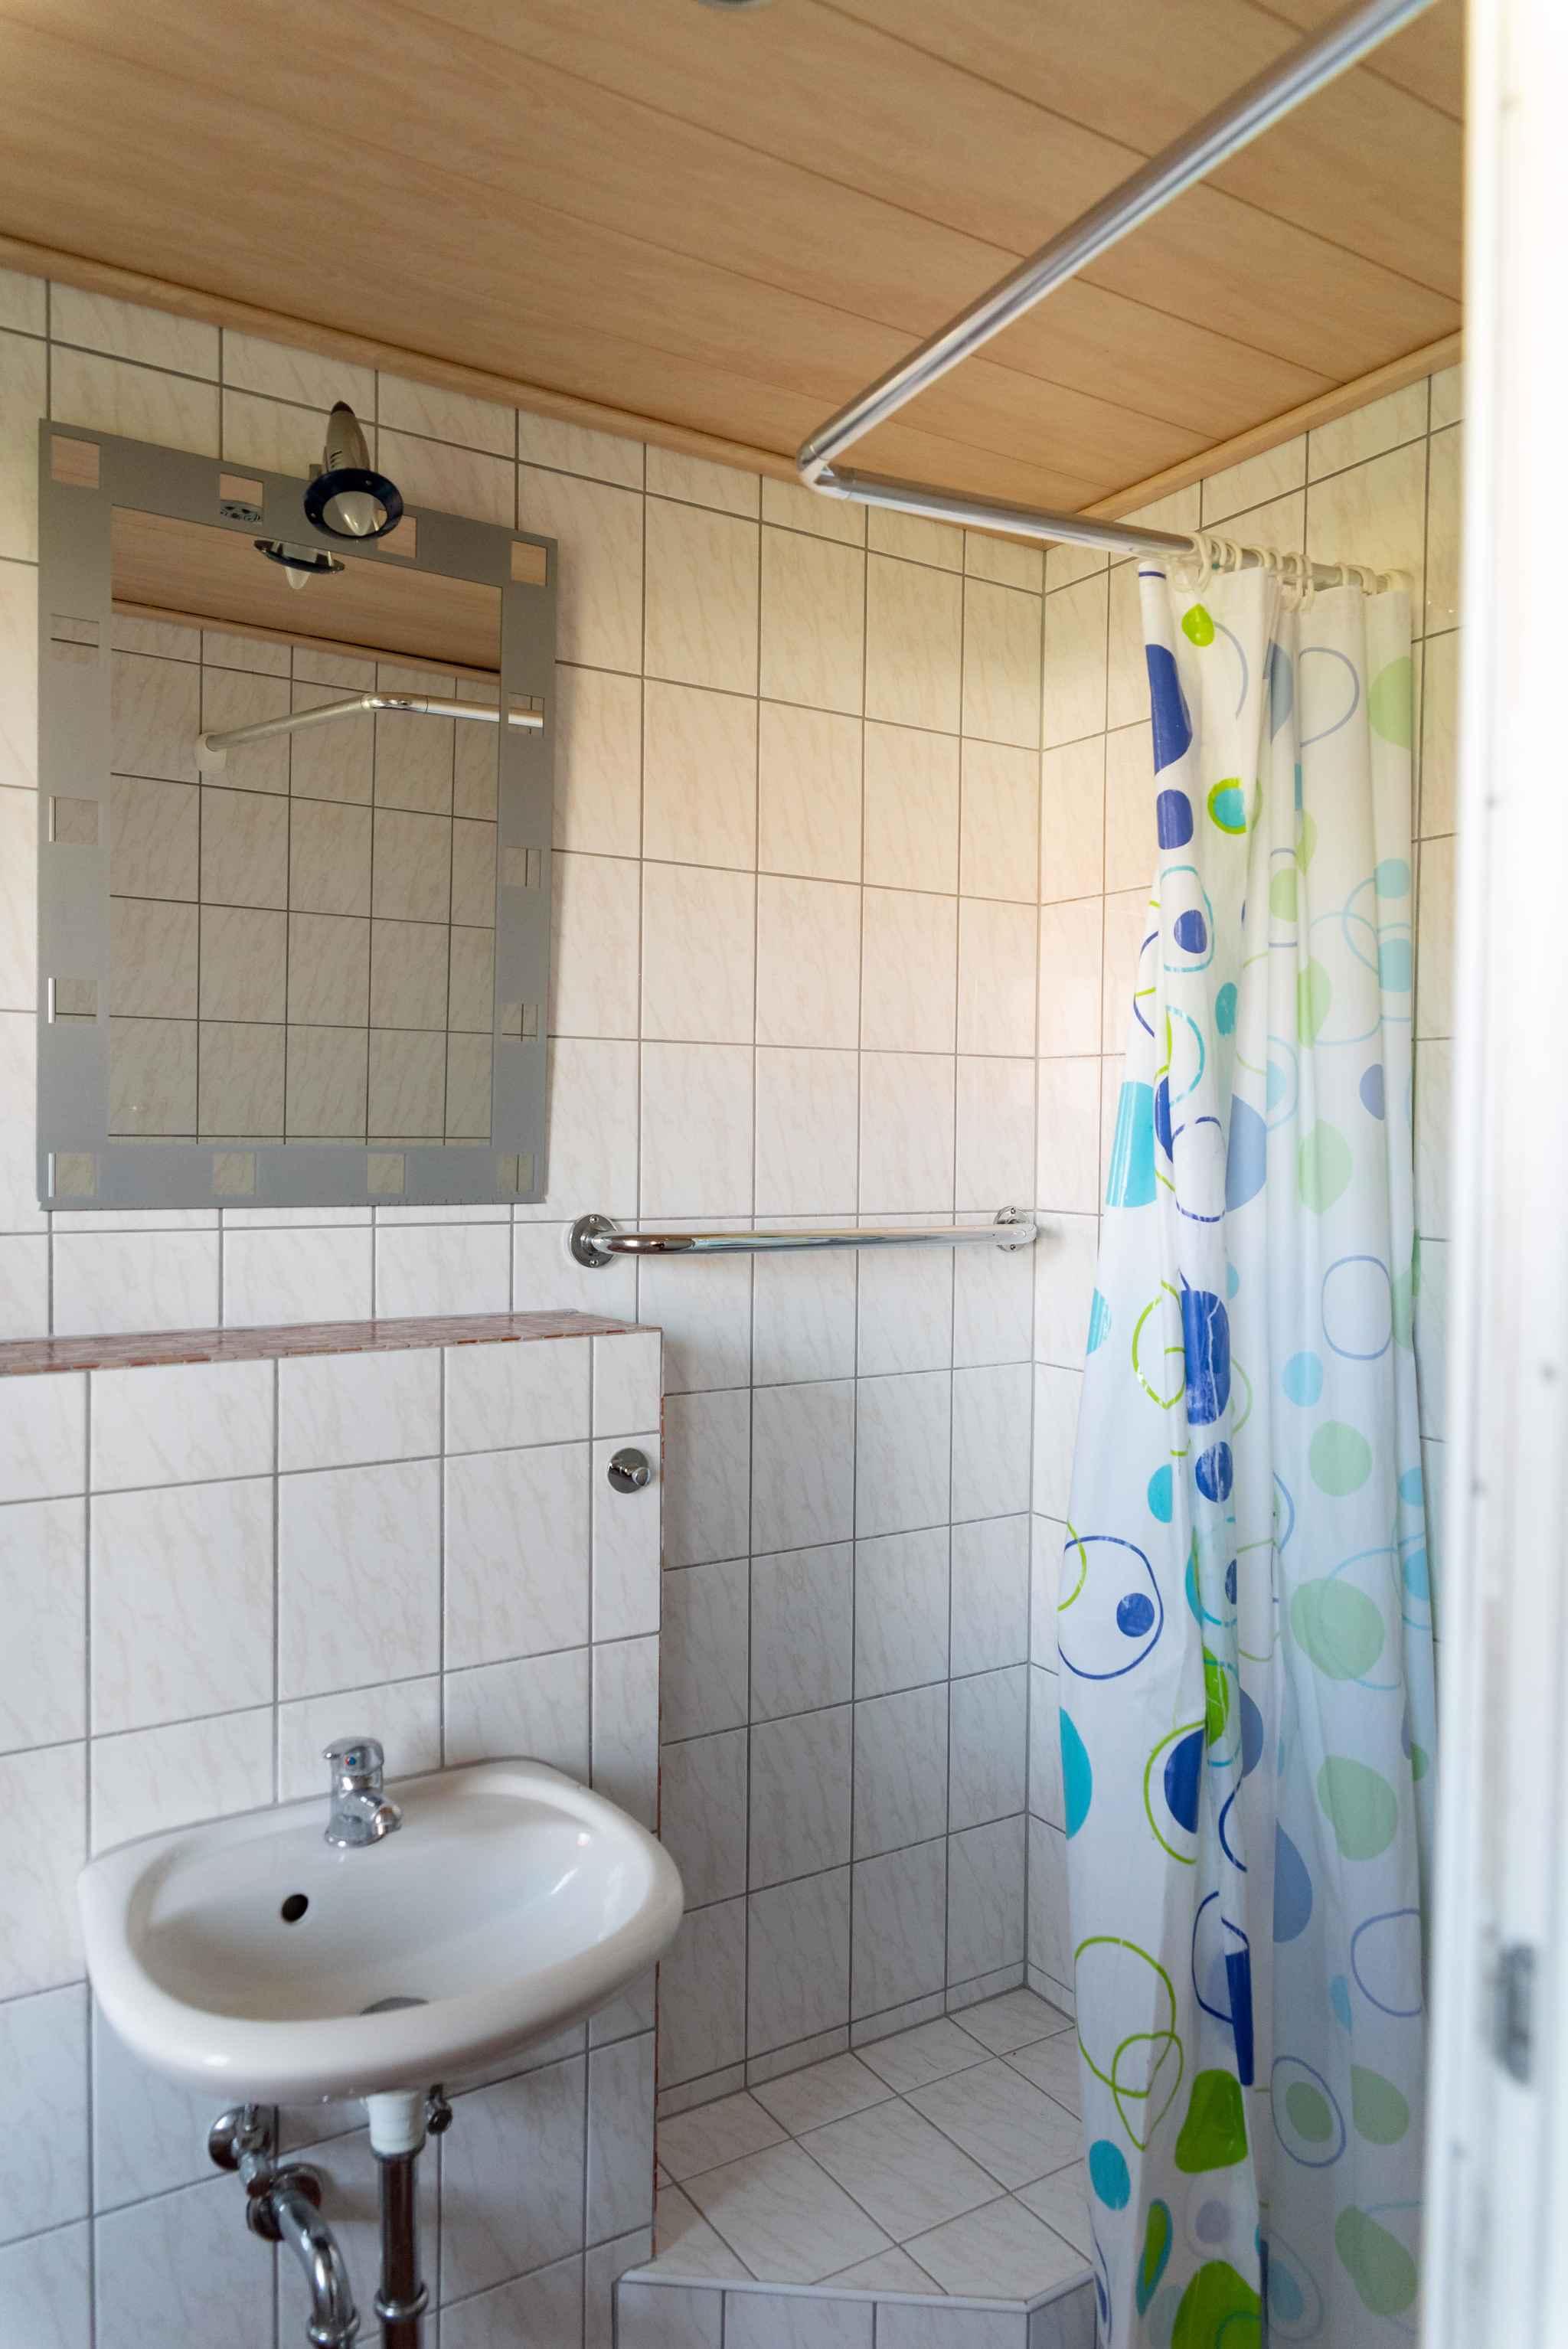 Ferienhaus Bungalow mit Terrasse und Garten (356789), Fuhlendorf, Ostseeküste Mecklenburg-Vorpommern, Mecklenburg-Vorpommern, Deutschland, Bild 8